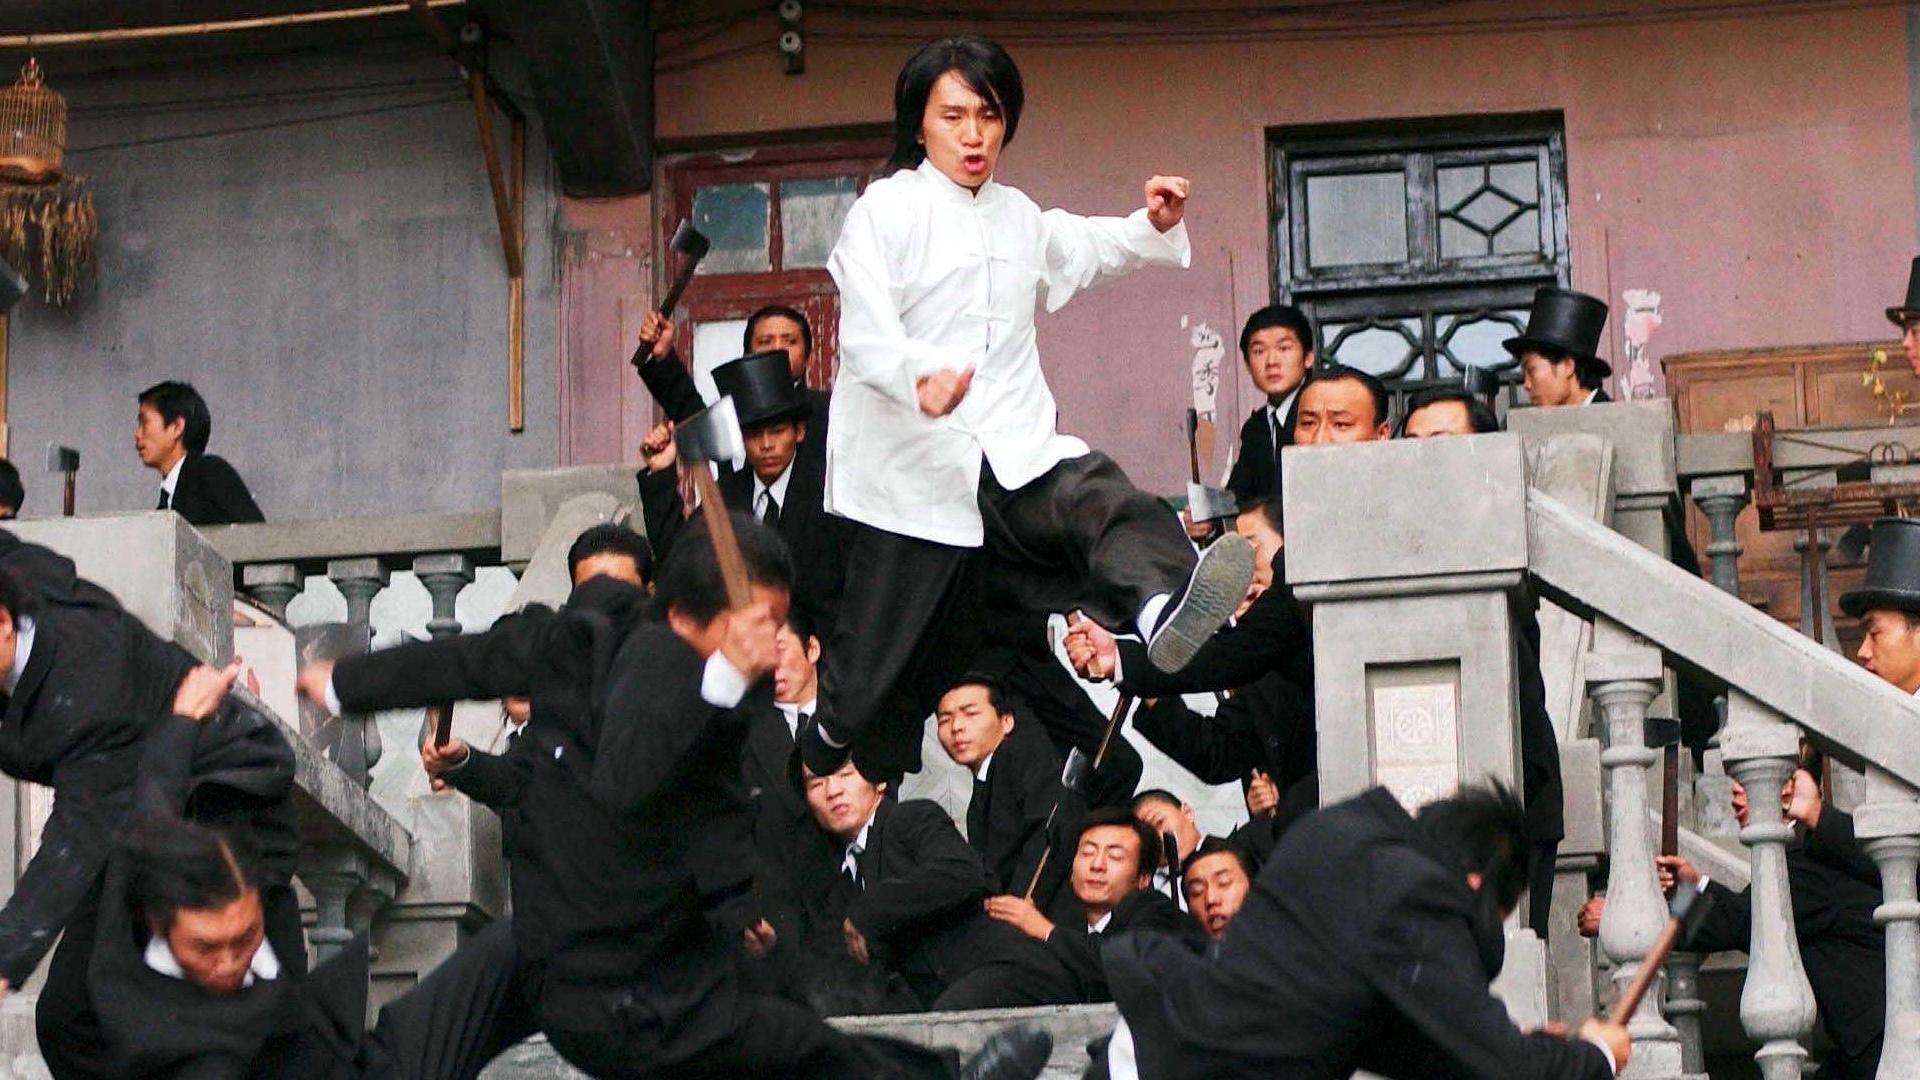 Stephen Chow kicks ass.